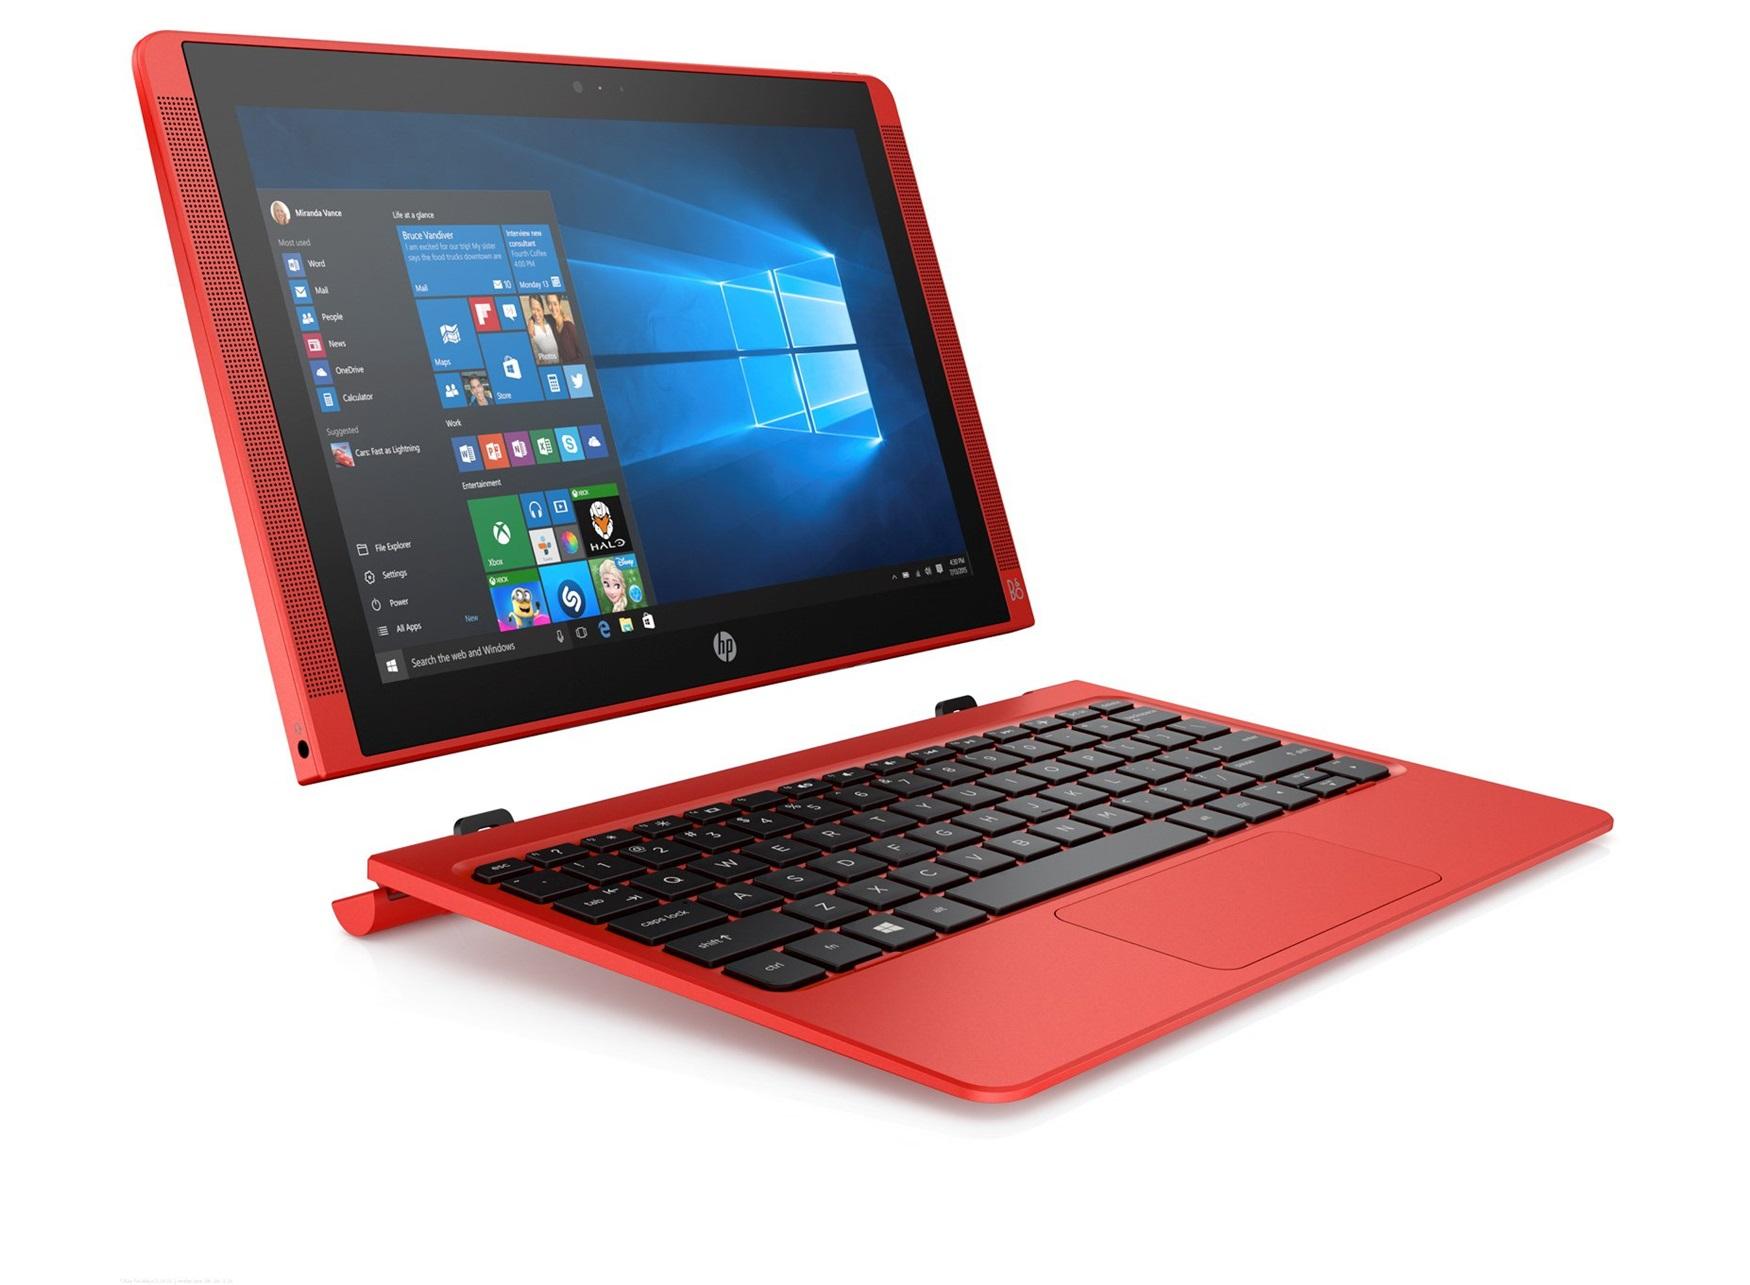 Affordable Laptop For Graphic Design Reddit